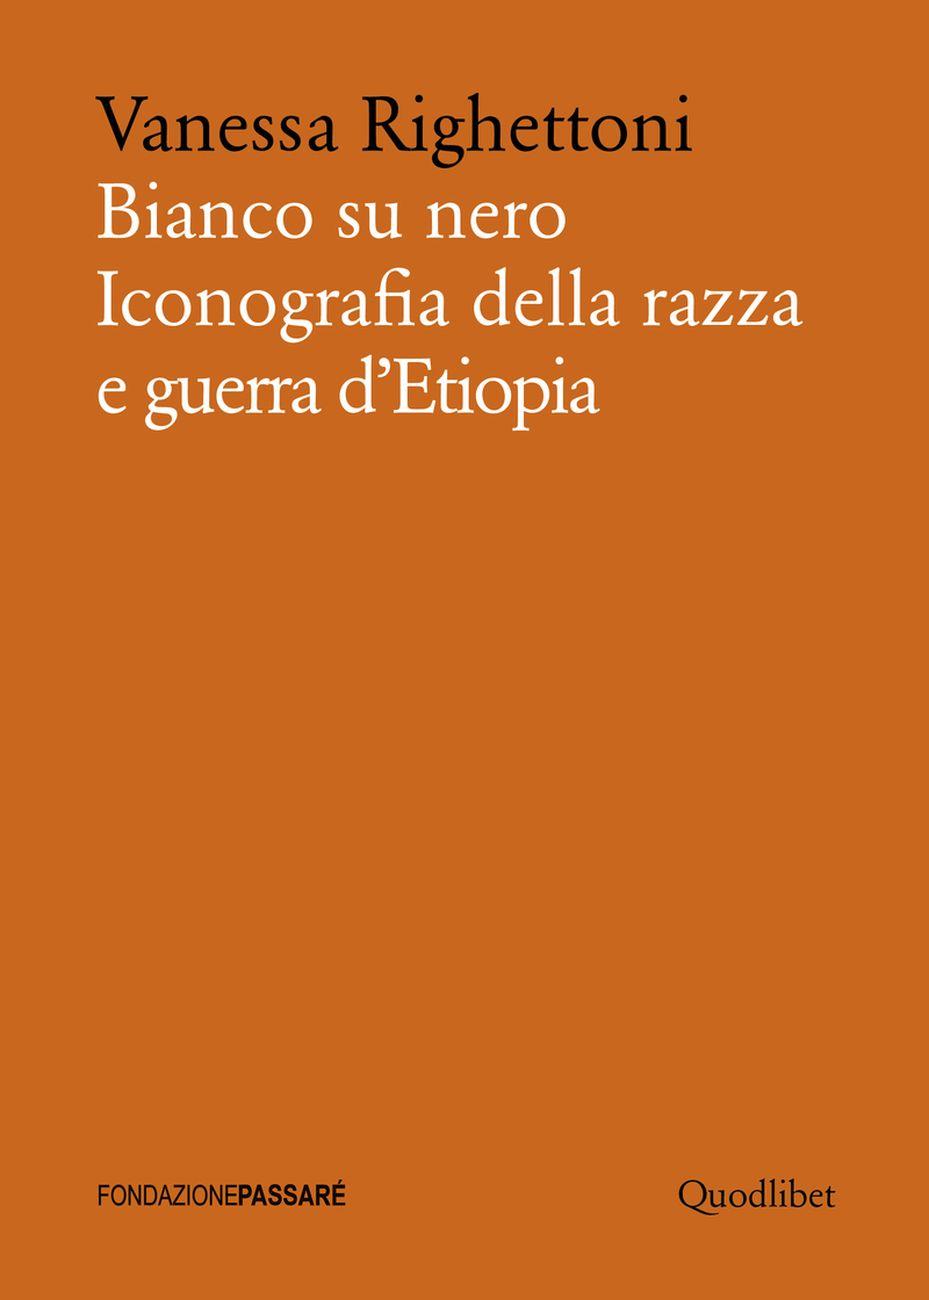 Vanessa Righettoni, Bianco su nero. Iconografia della razza e guerra d'Etiopia, 2018